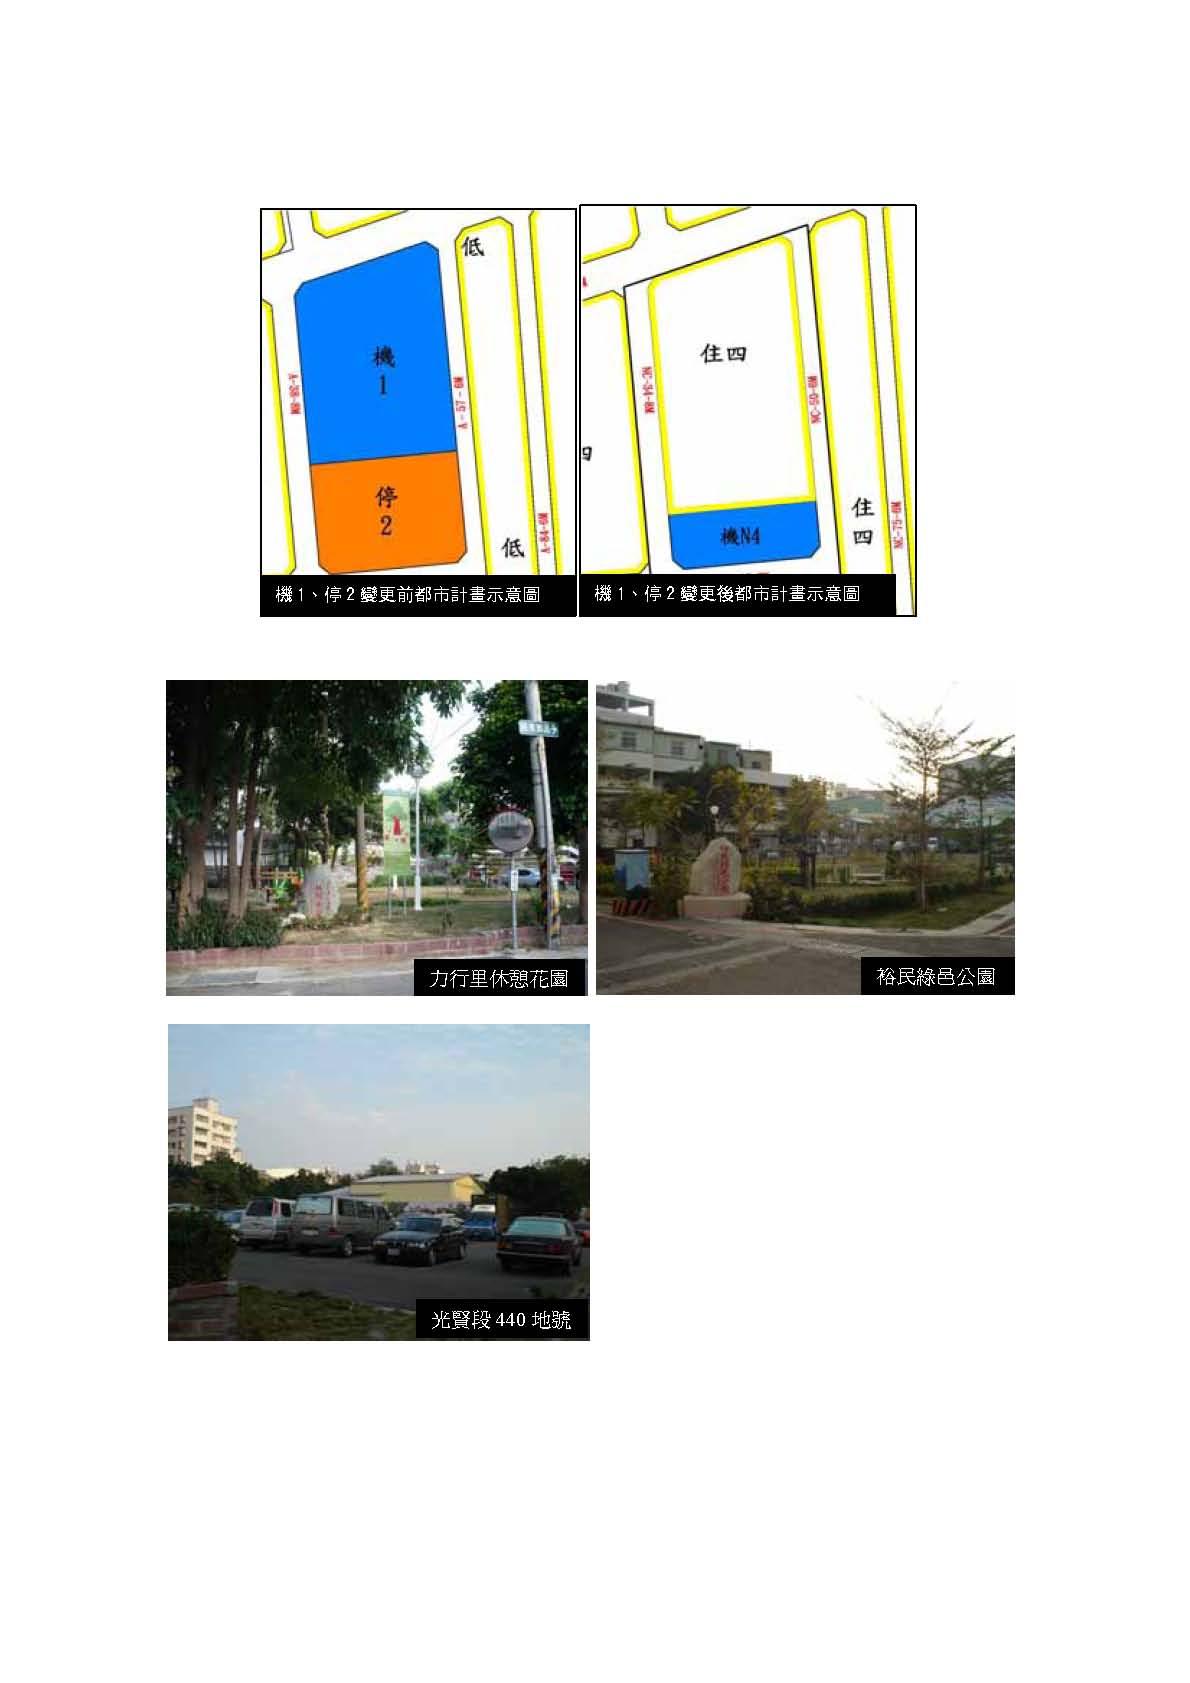 北區都市計畫細部計畫通檢開跑  0